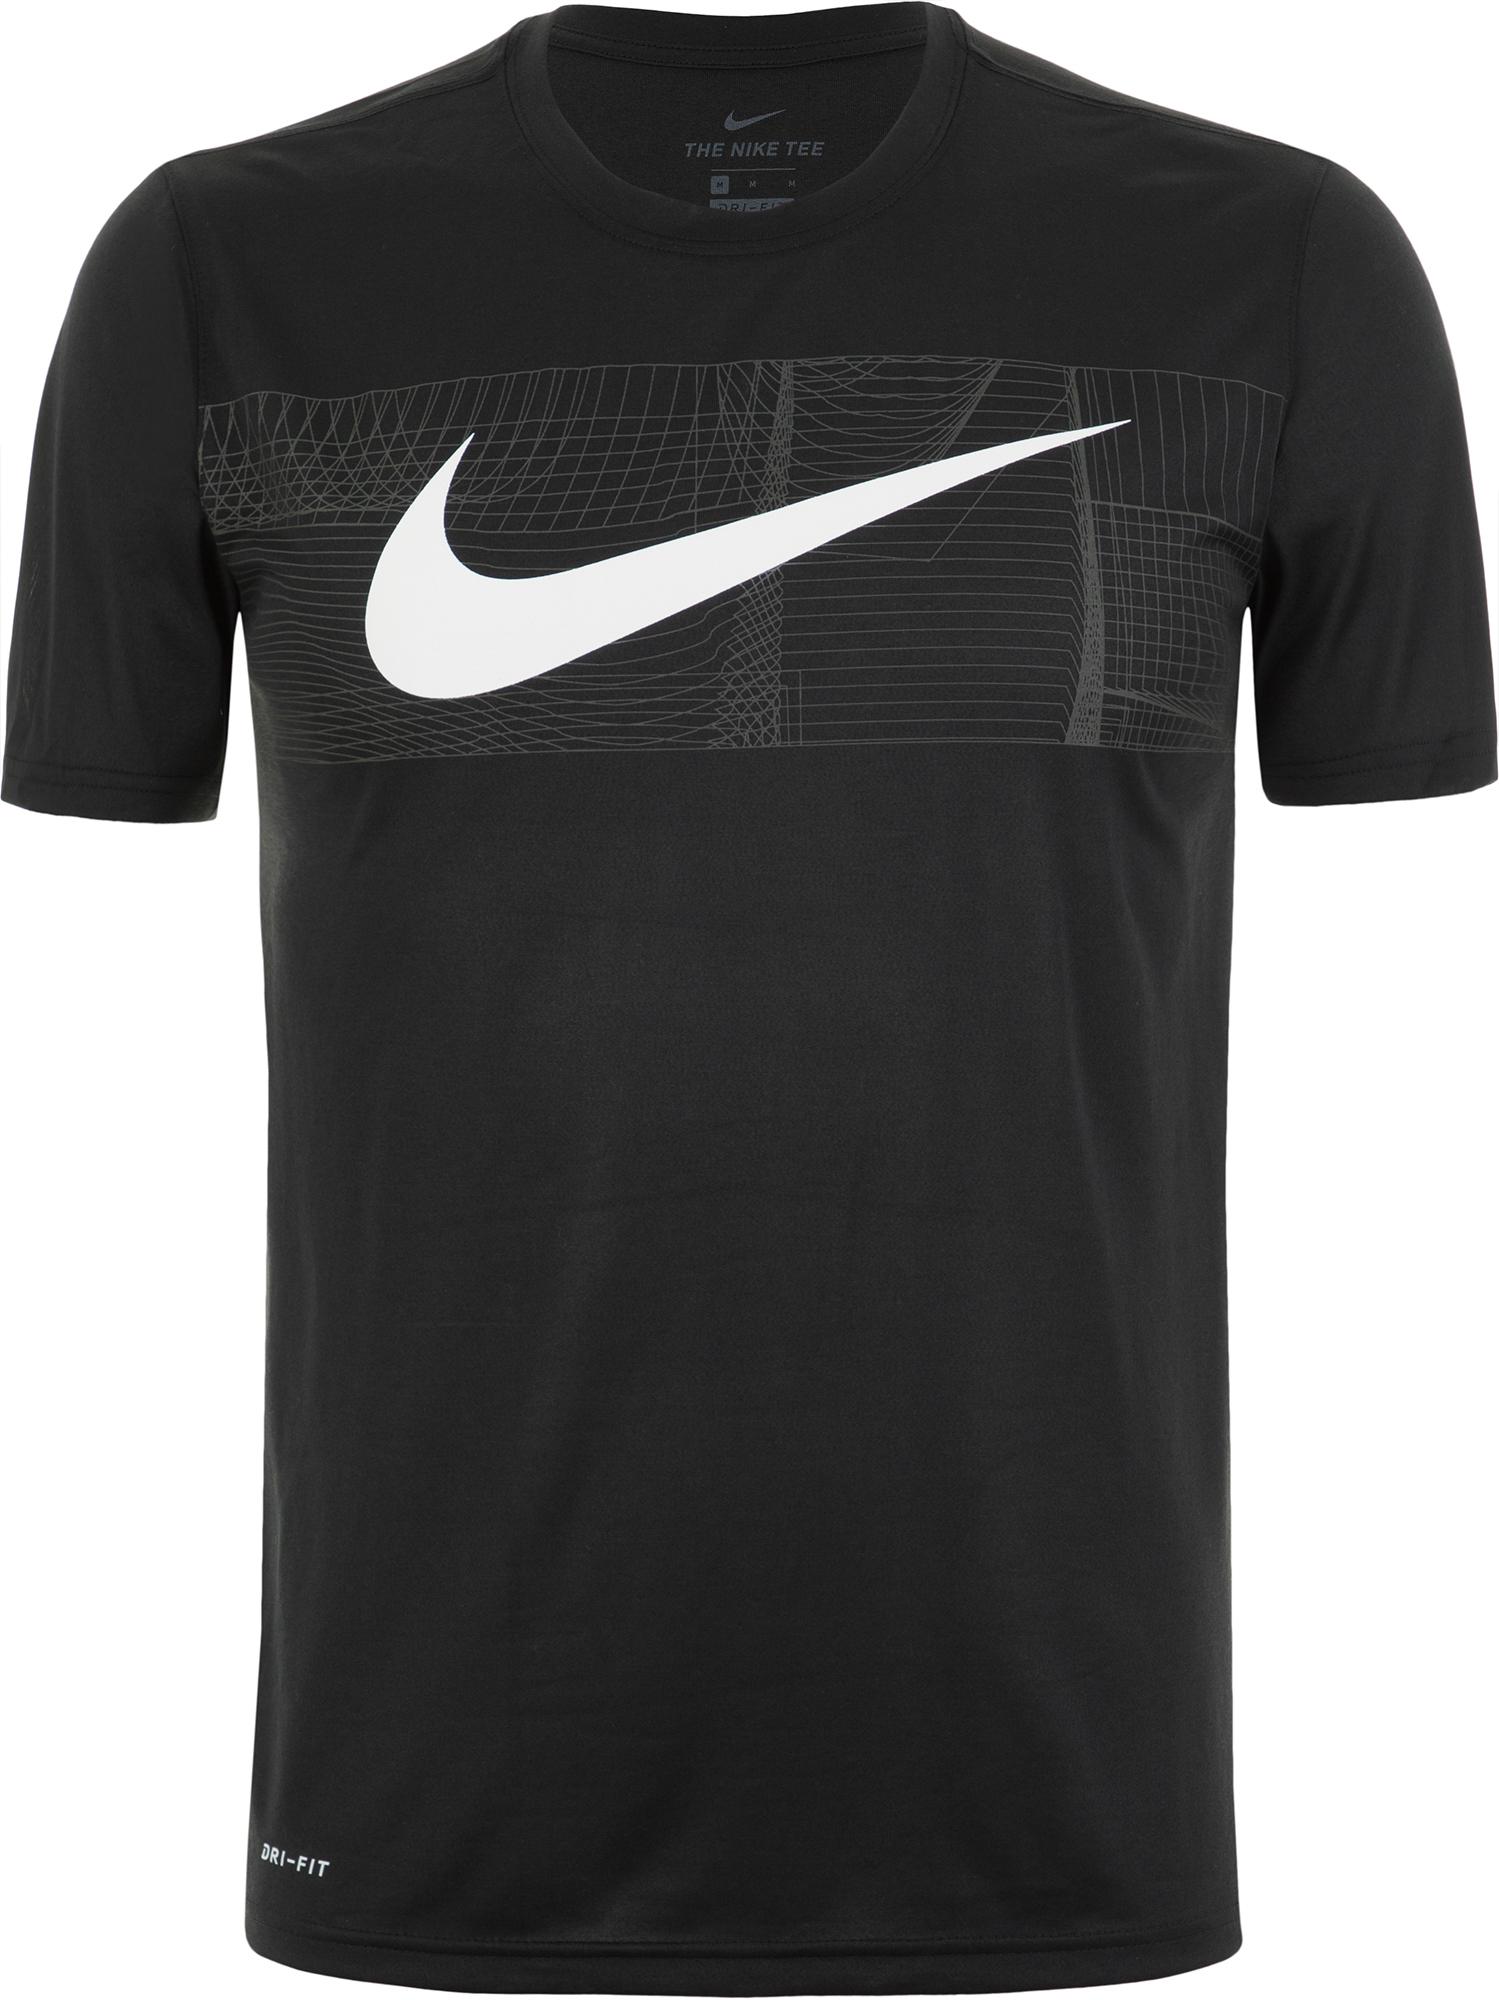 Nike Футболка мужская Nike Dry, размер 52-54 все цены